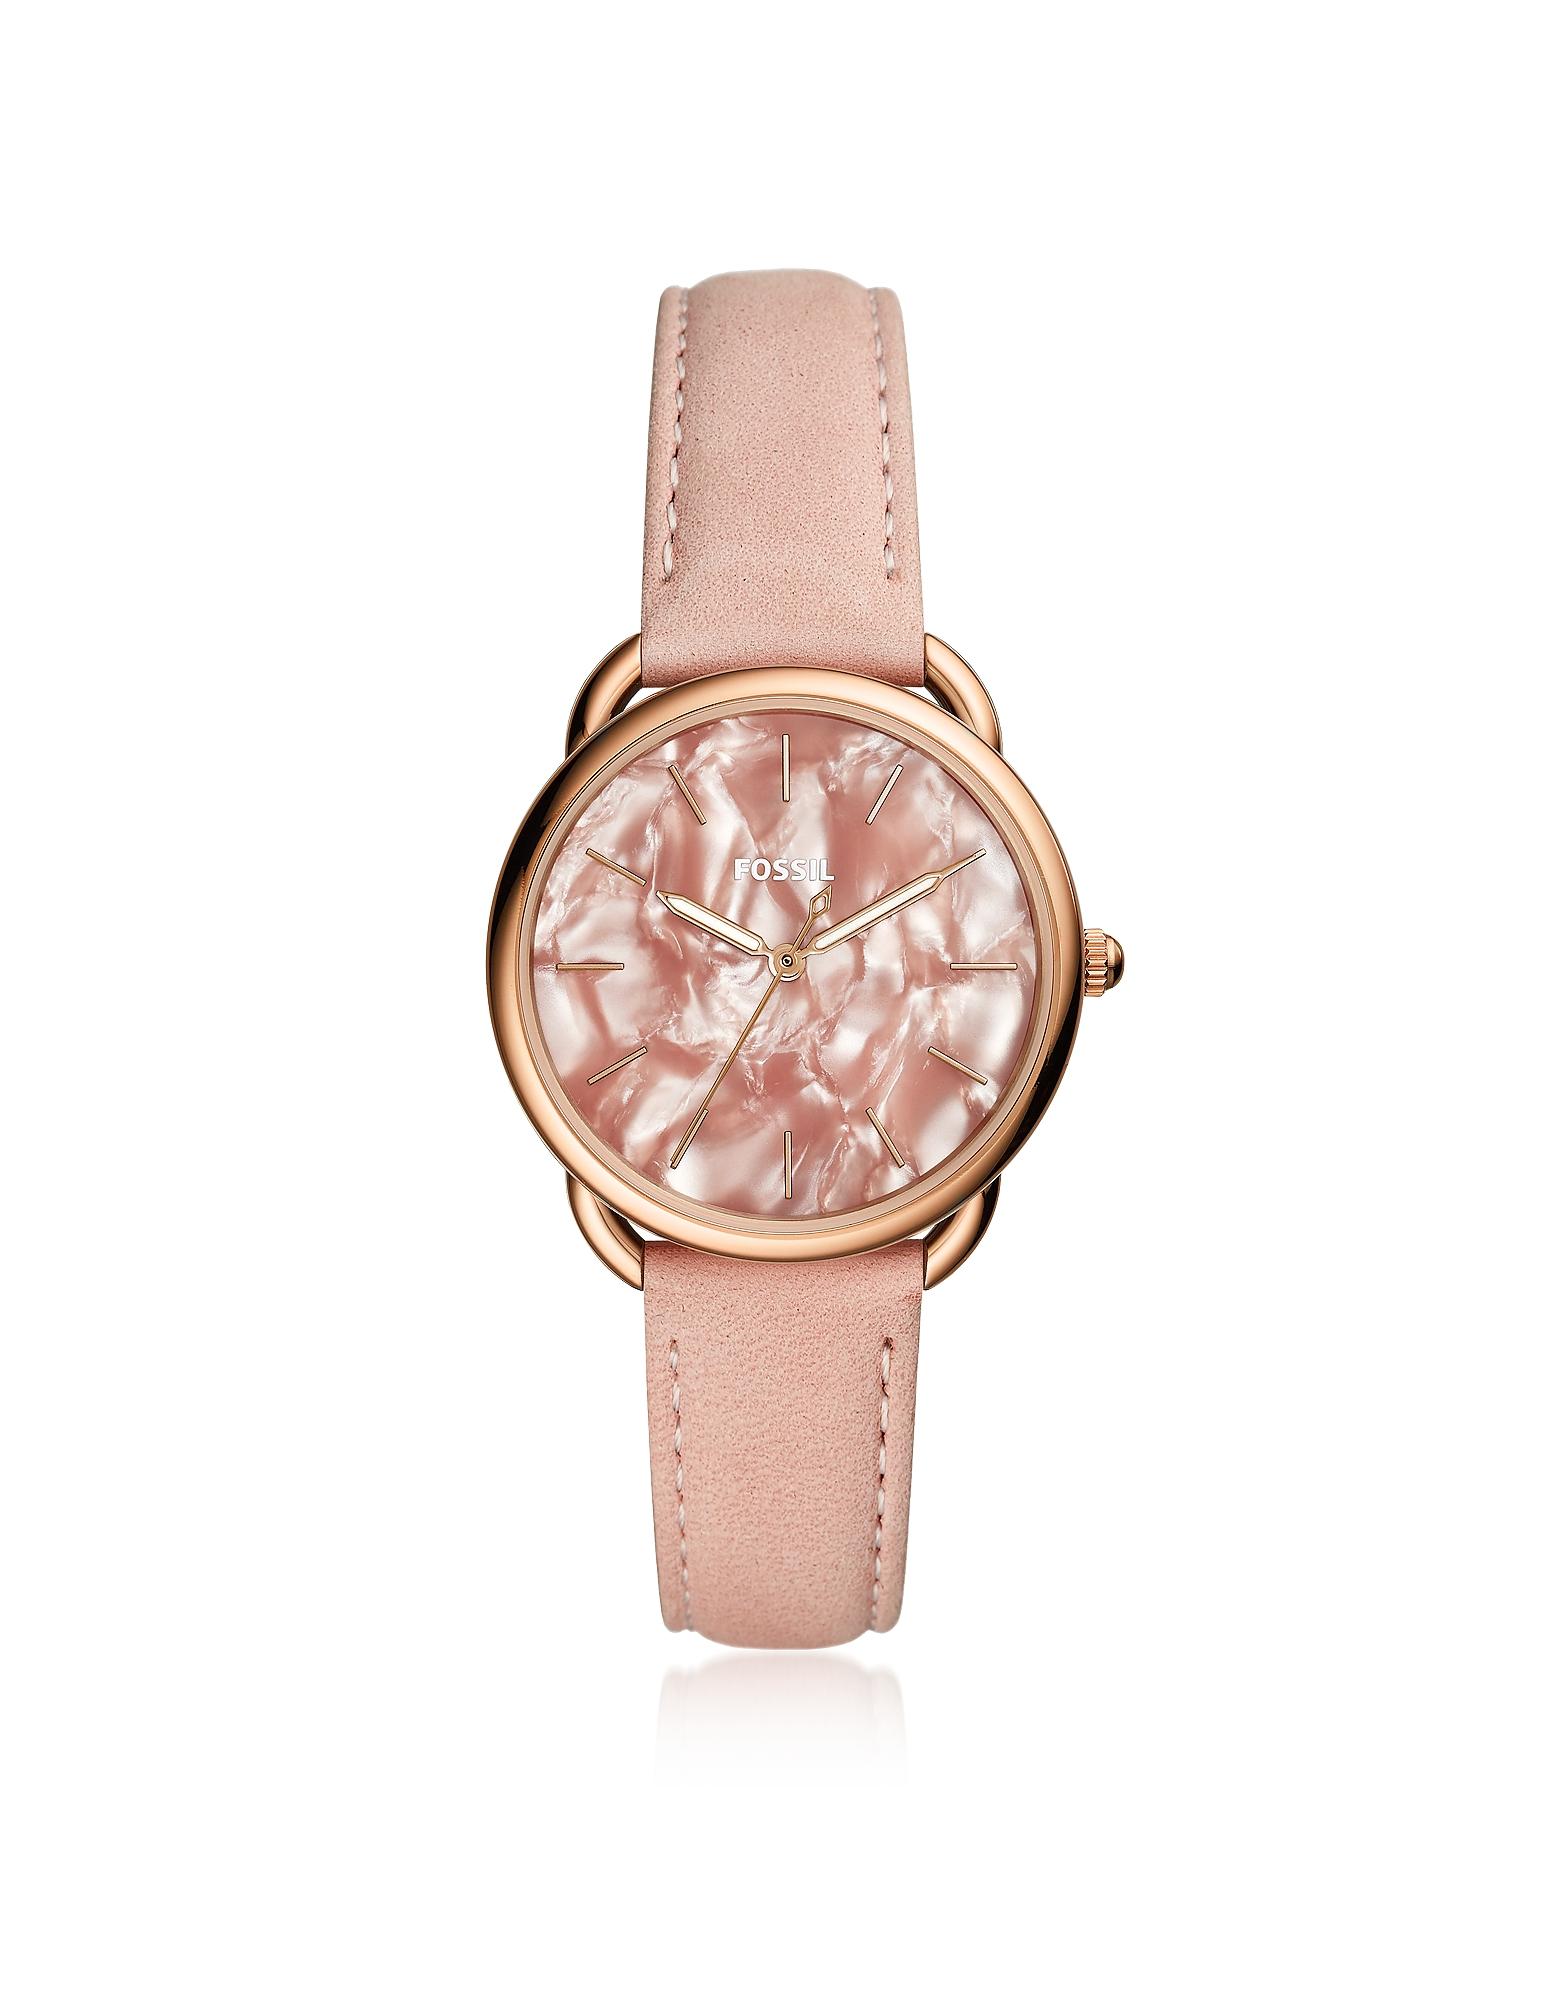 Tailor - Женские Трехстрелочные Часы Светло-Розового Оттенка Fossil